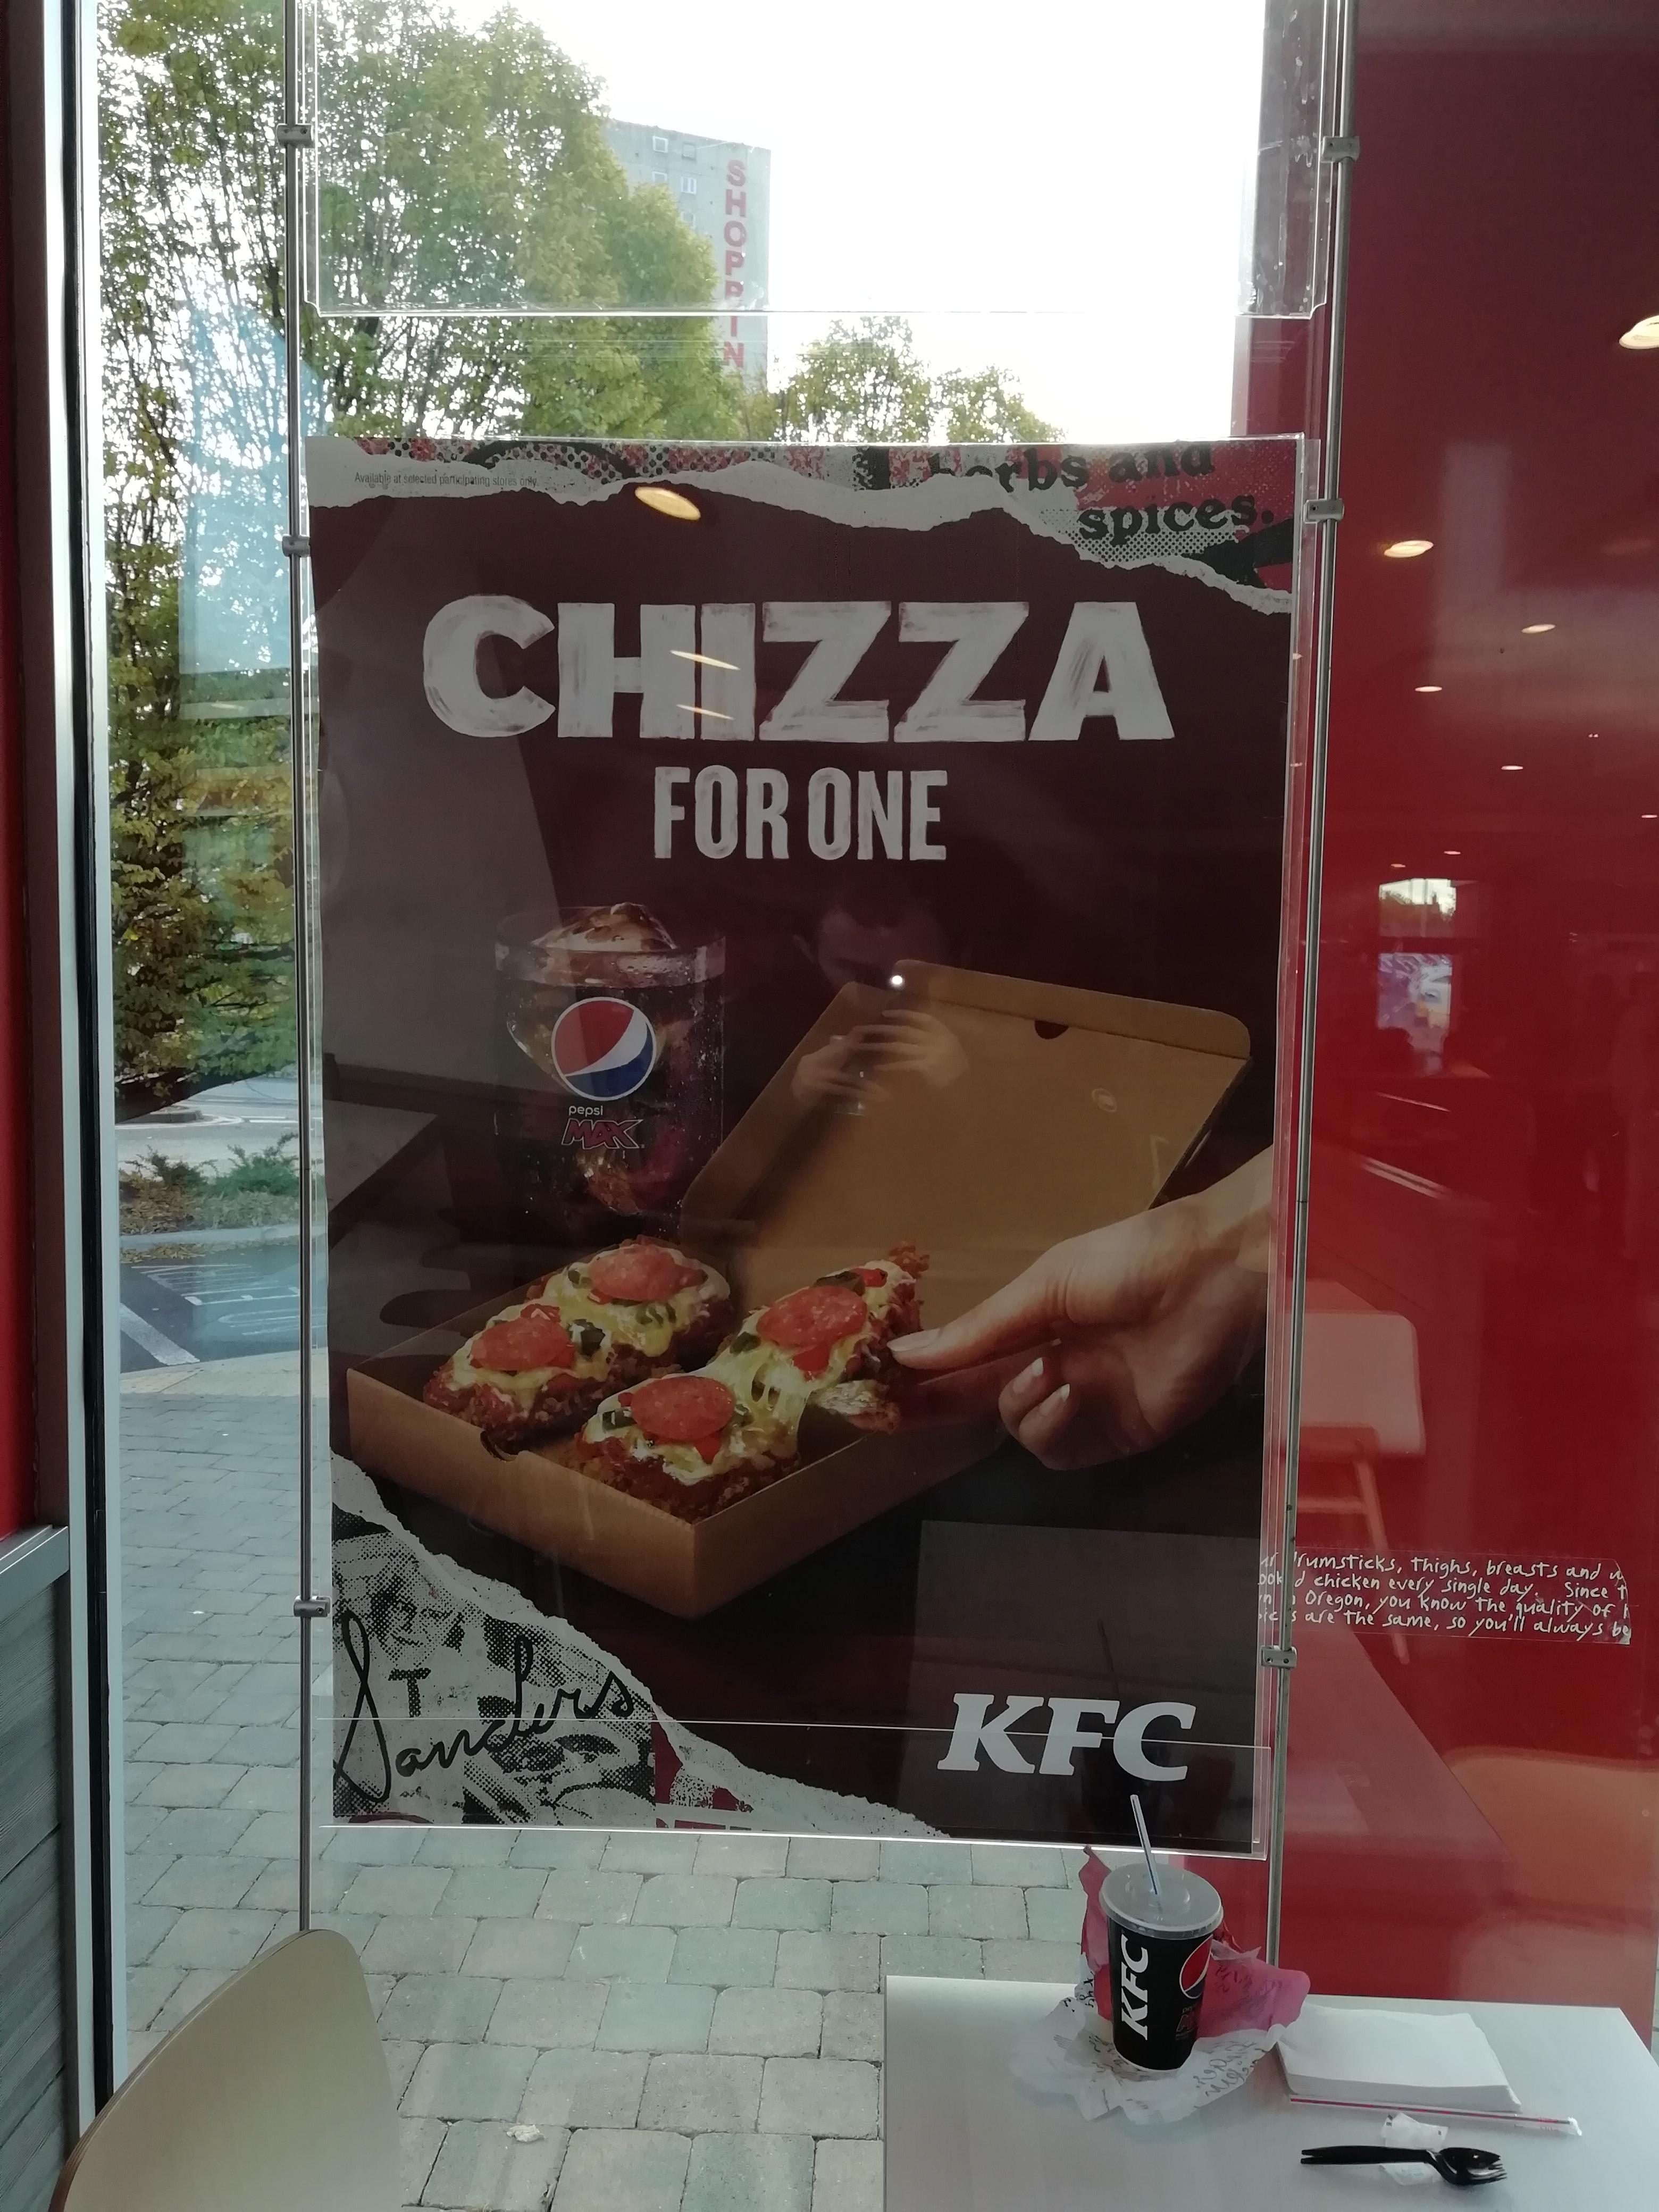 KFC Chizza UK